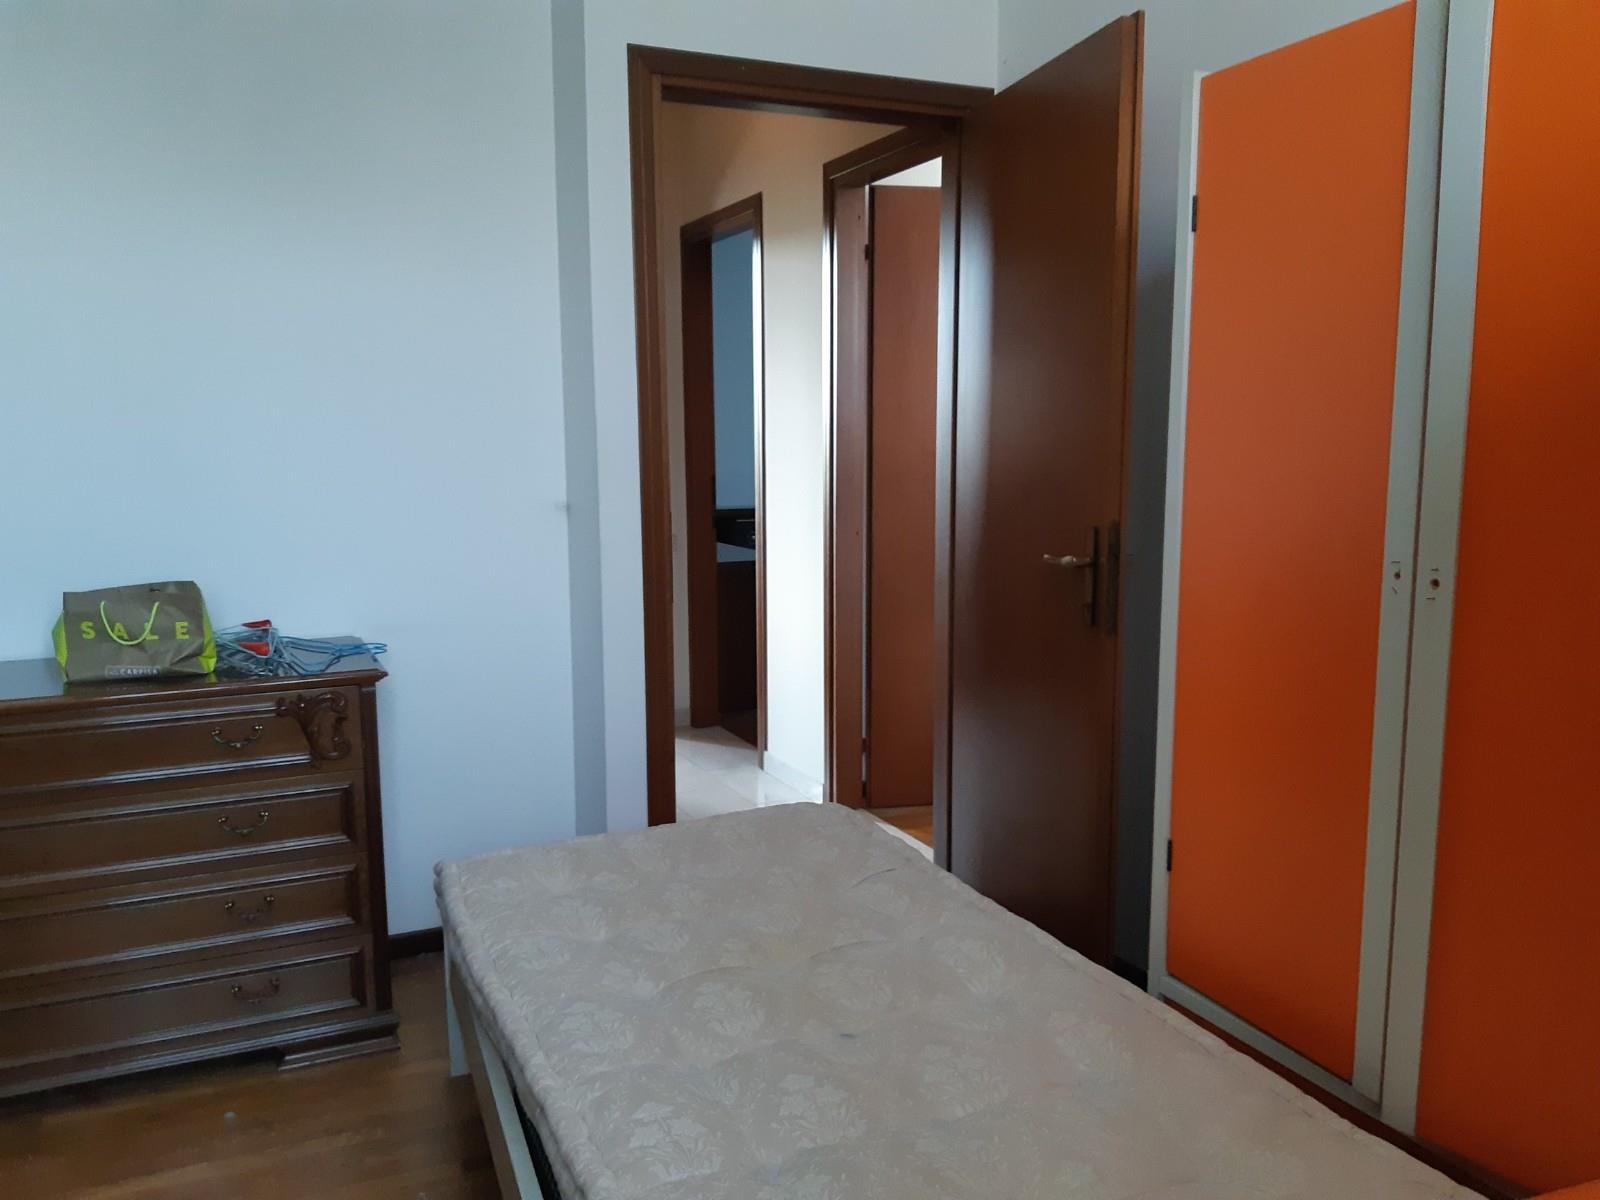 Foto 12 - Villa in Vendita - Sulbiate (Monza e Brianza)